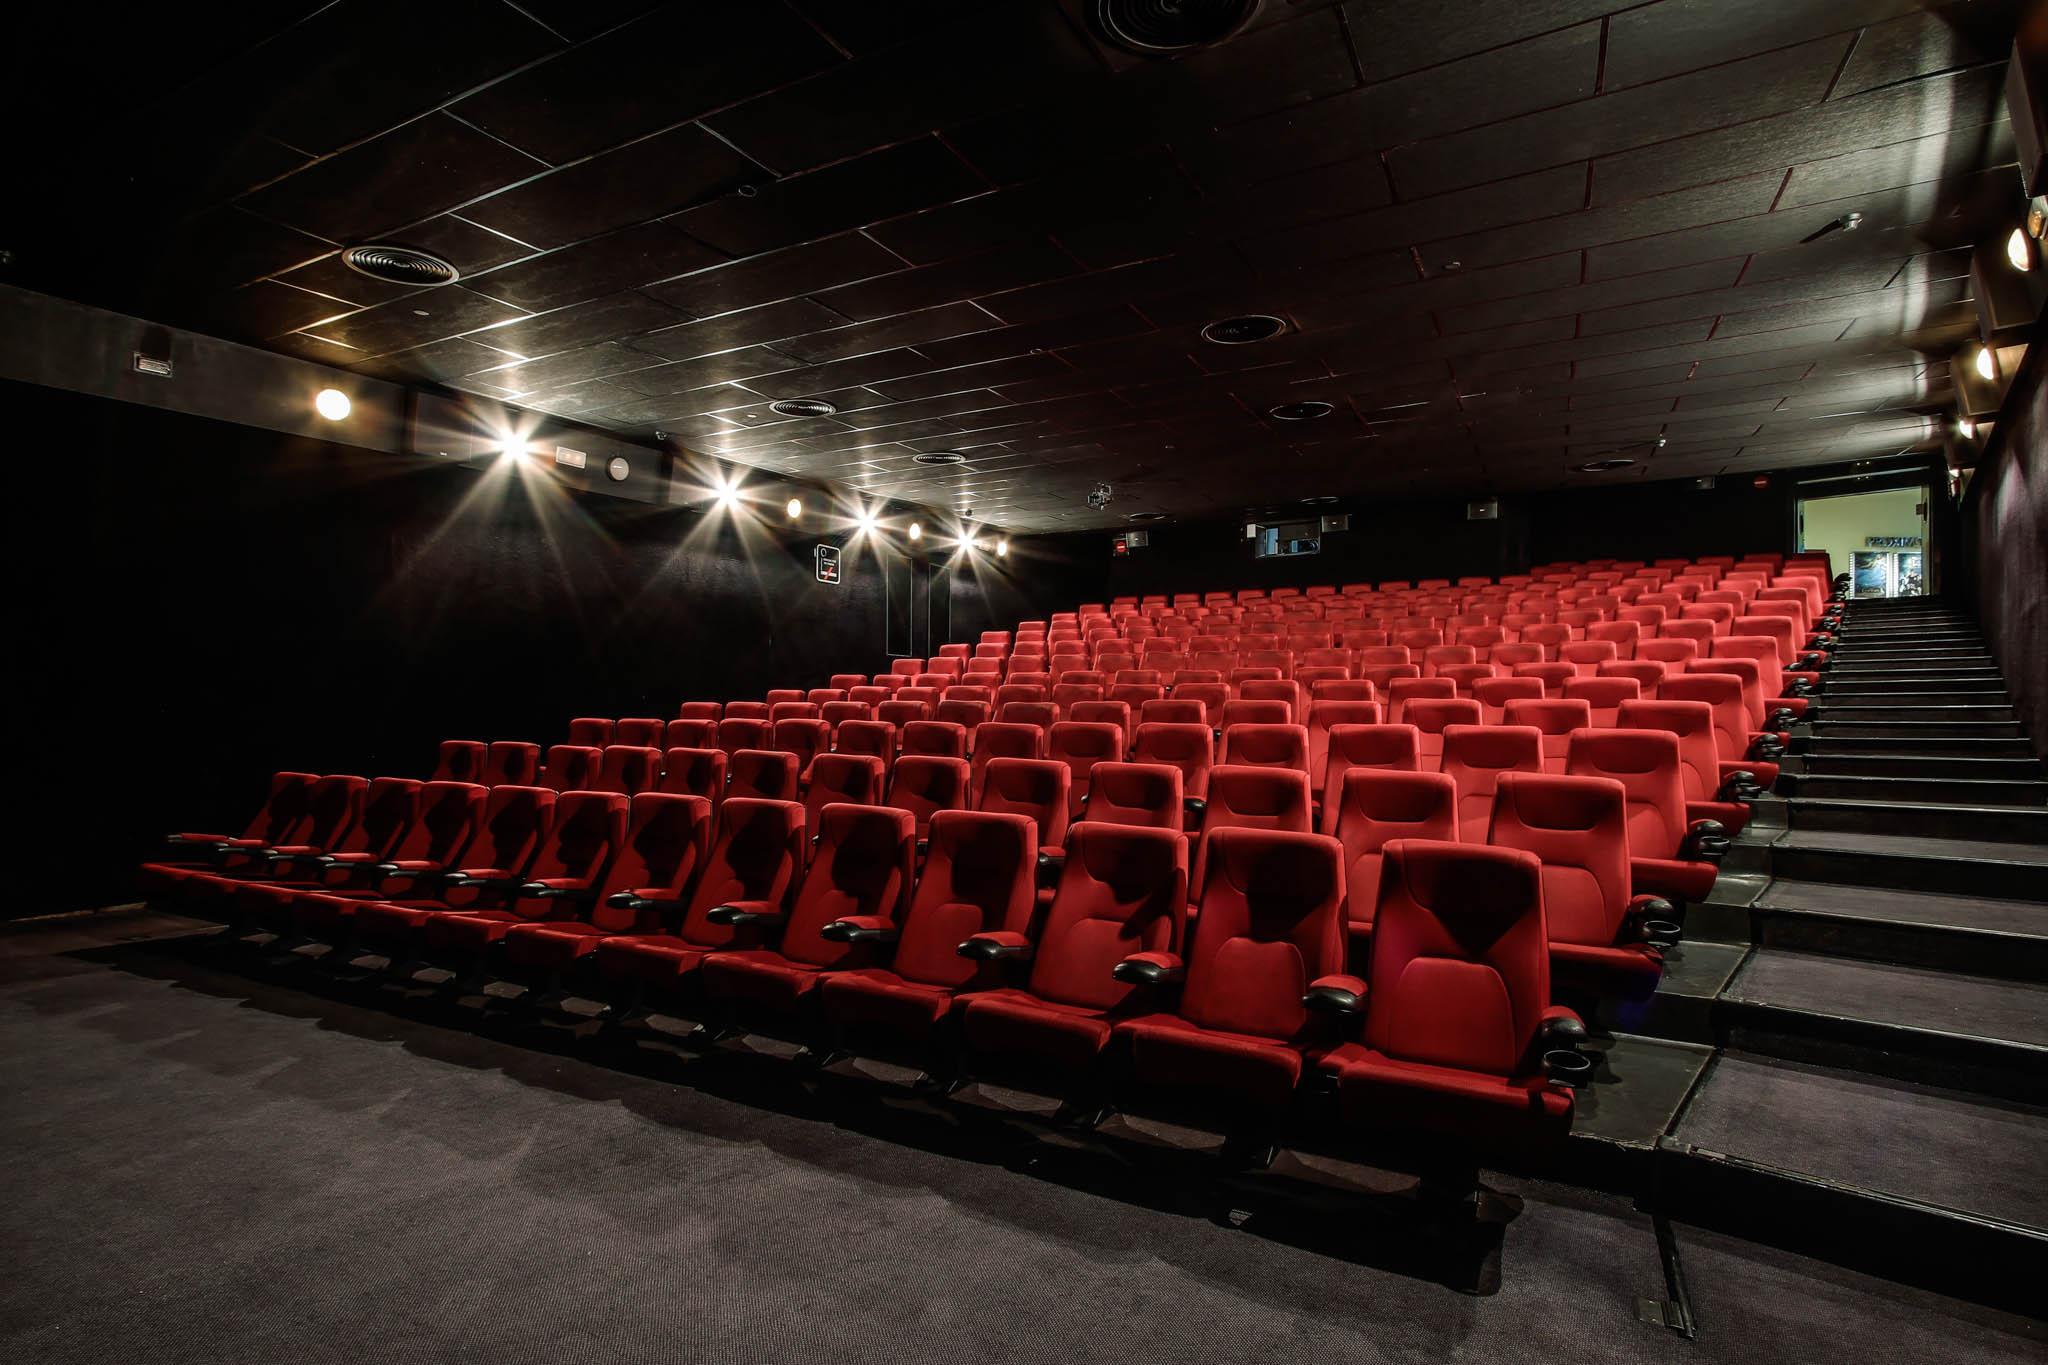 Salas de cine en madrid cines capitol gran via madrid web oficial - Cines gran casa cartelera ...